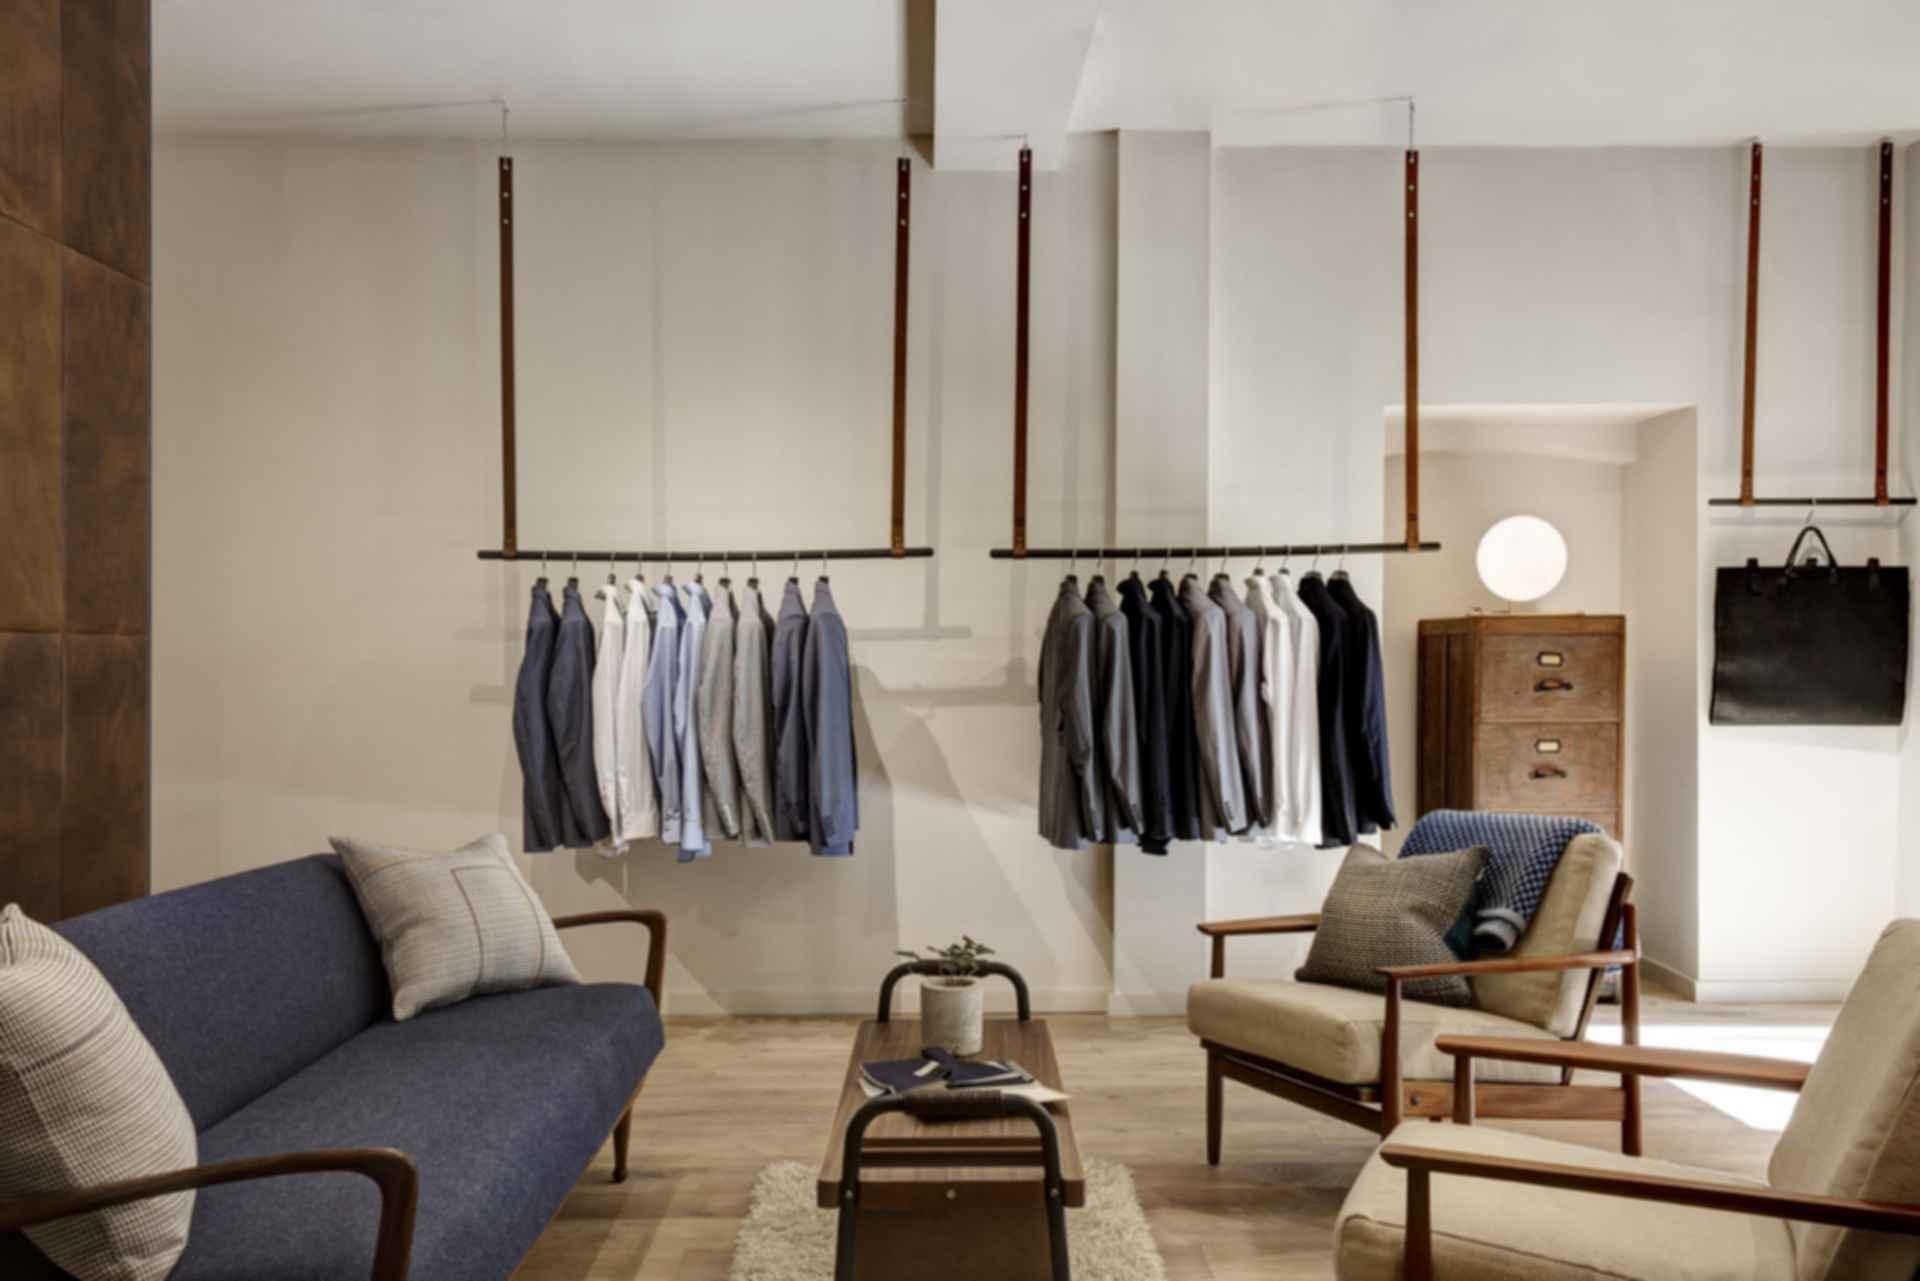 Clerkenwell London - Store Interior